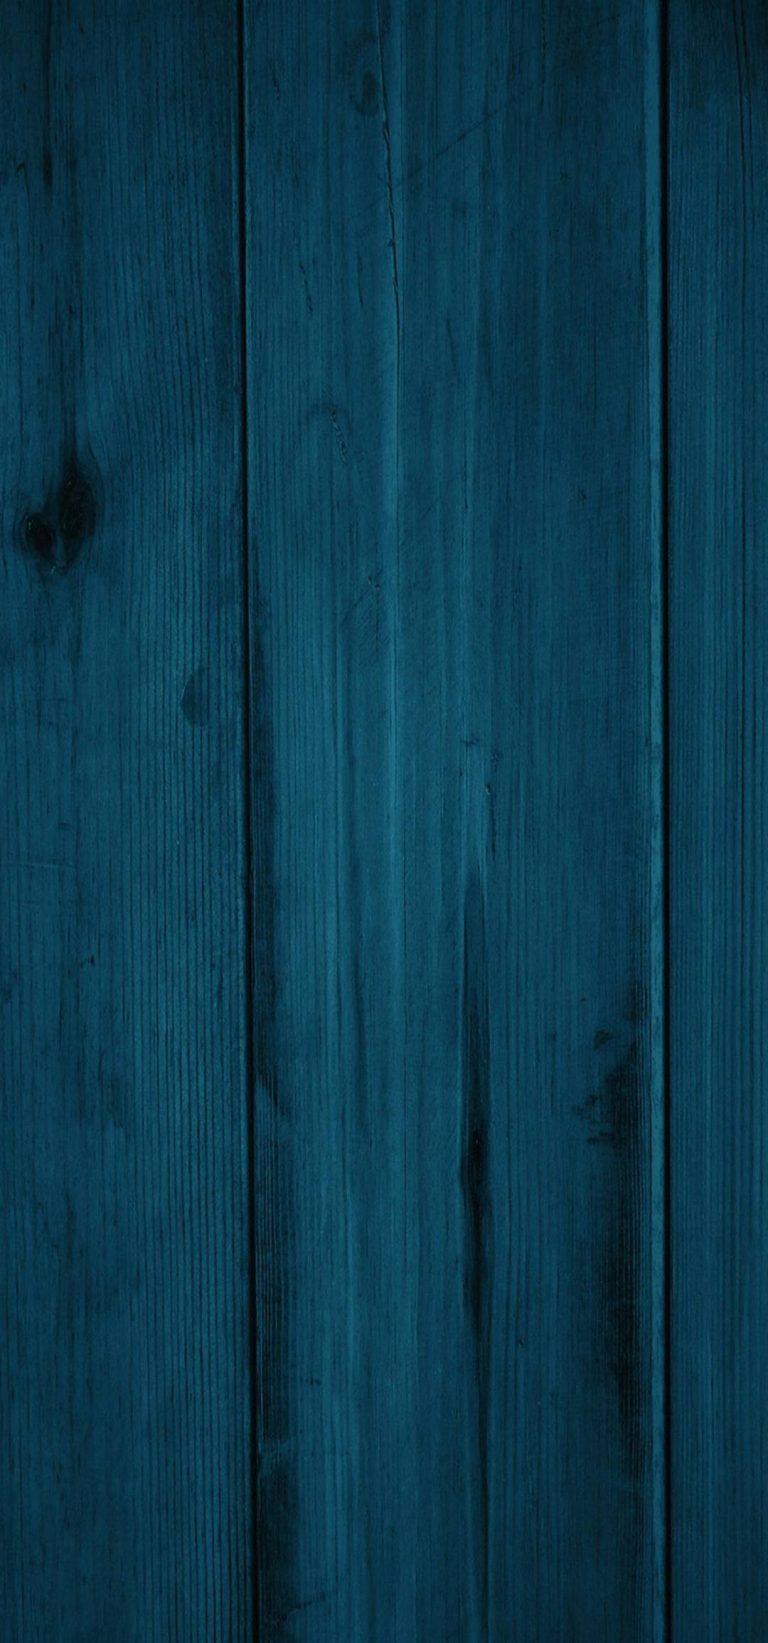 1080x2310 Wallpaper 411 768x1643